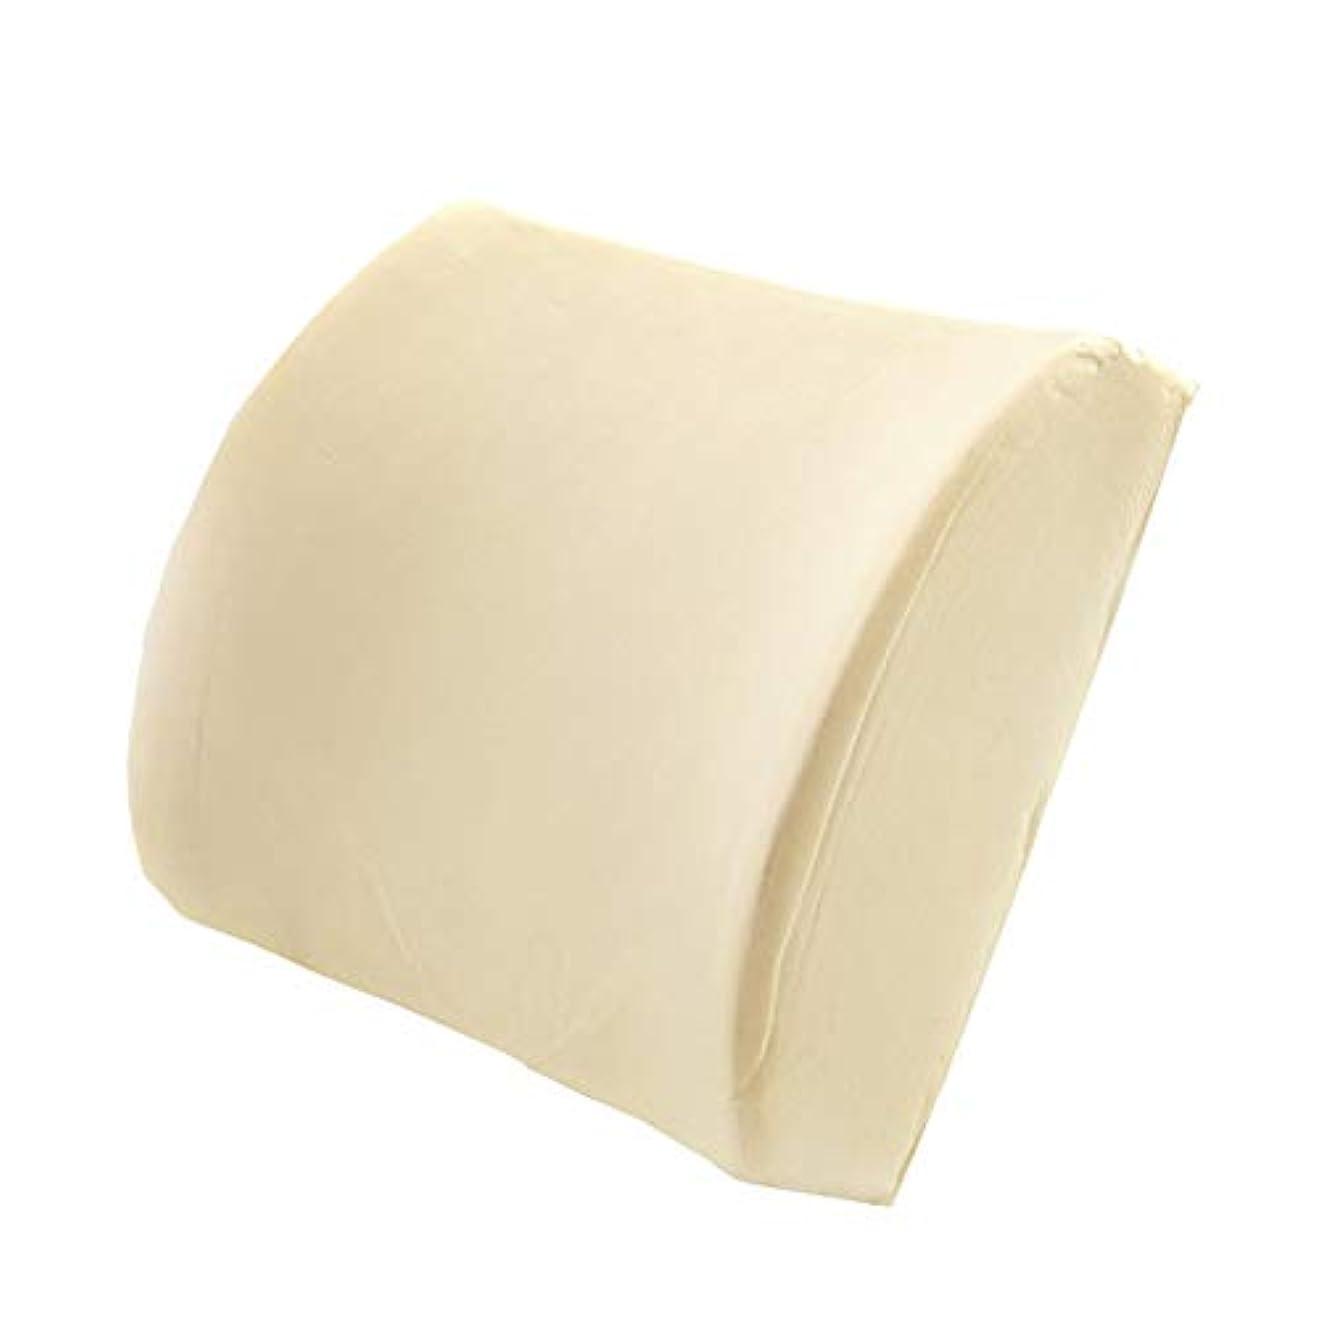 最後にご注意中国サポート腰椎枕スペースメモリ綿腰椎腰肥厚オフィスクッションカーウエスト枕